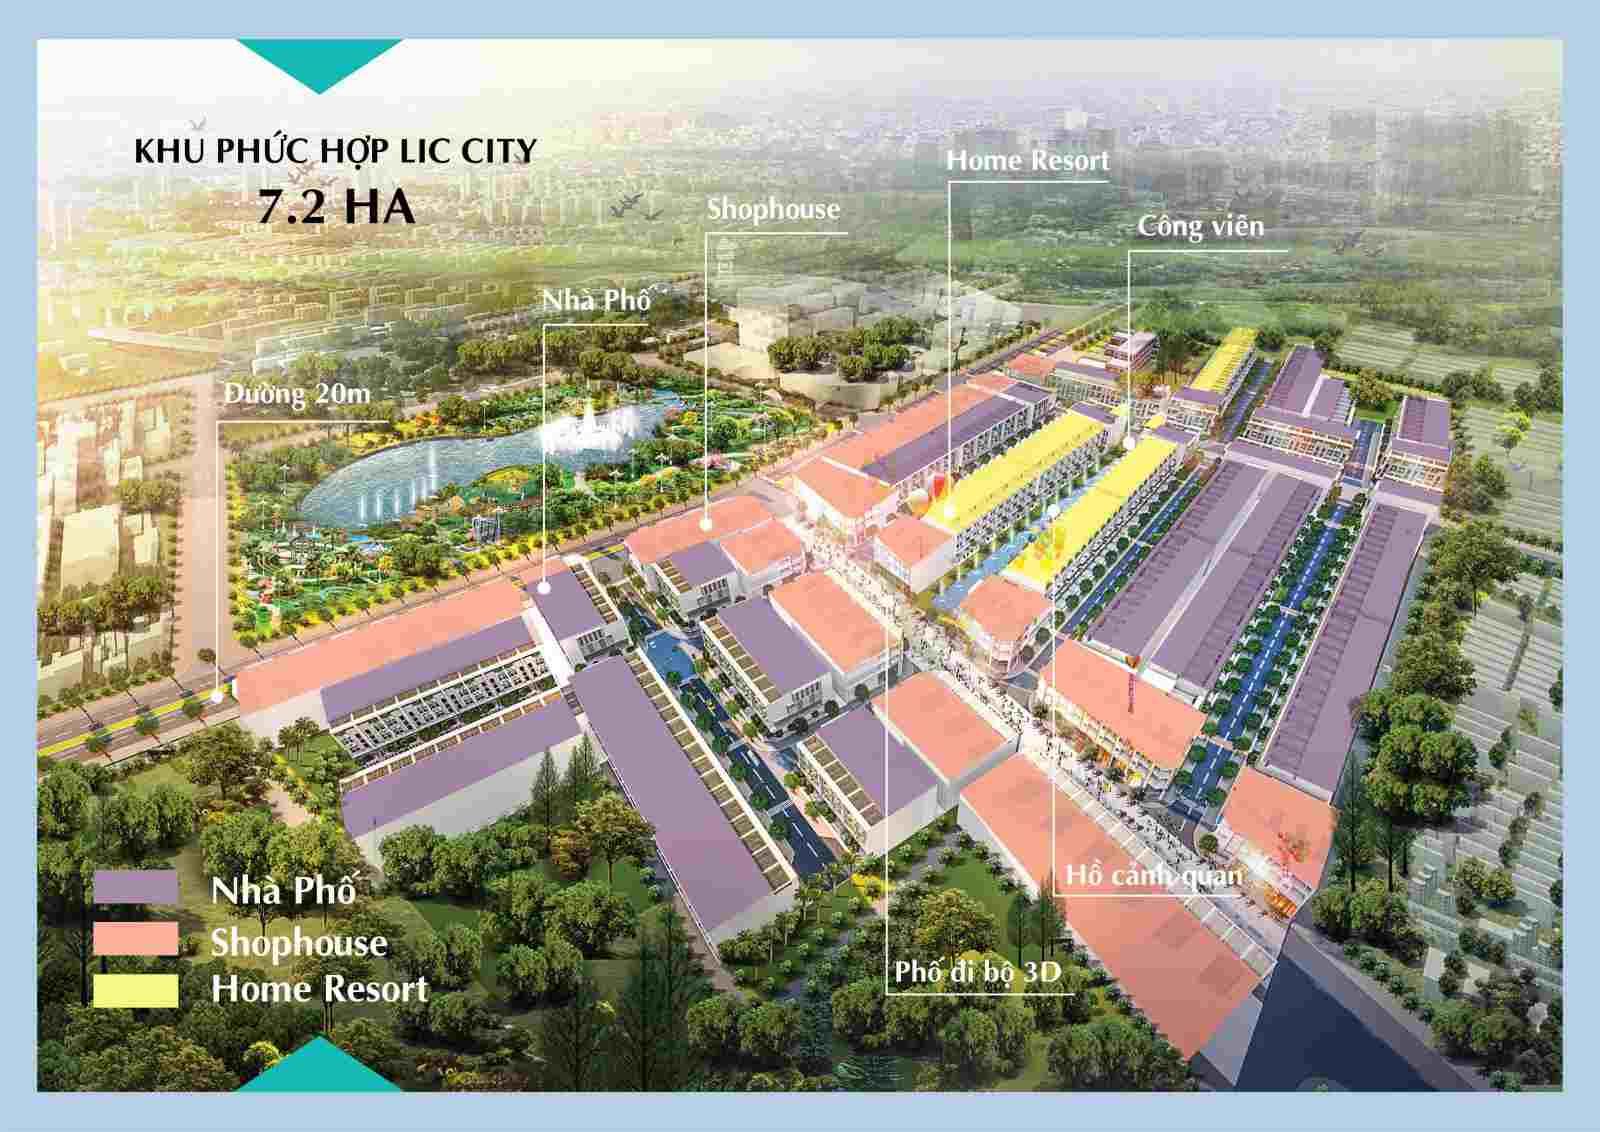 LIC City Phú Mỹ - Tiện ích Tổng quan dự án